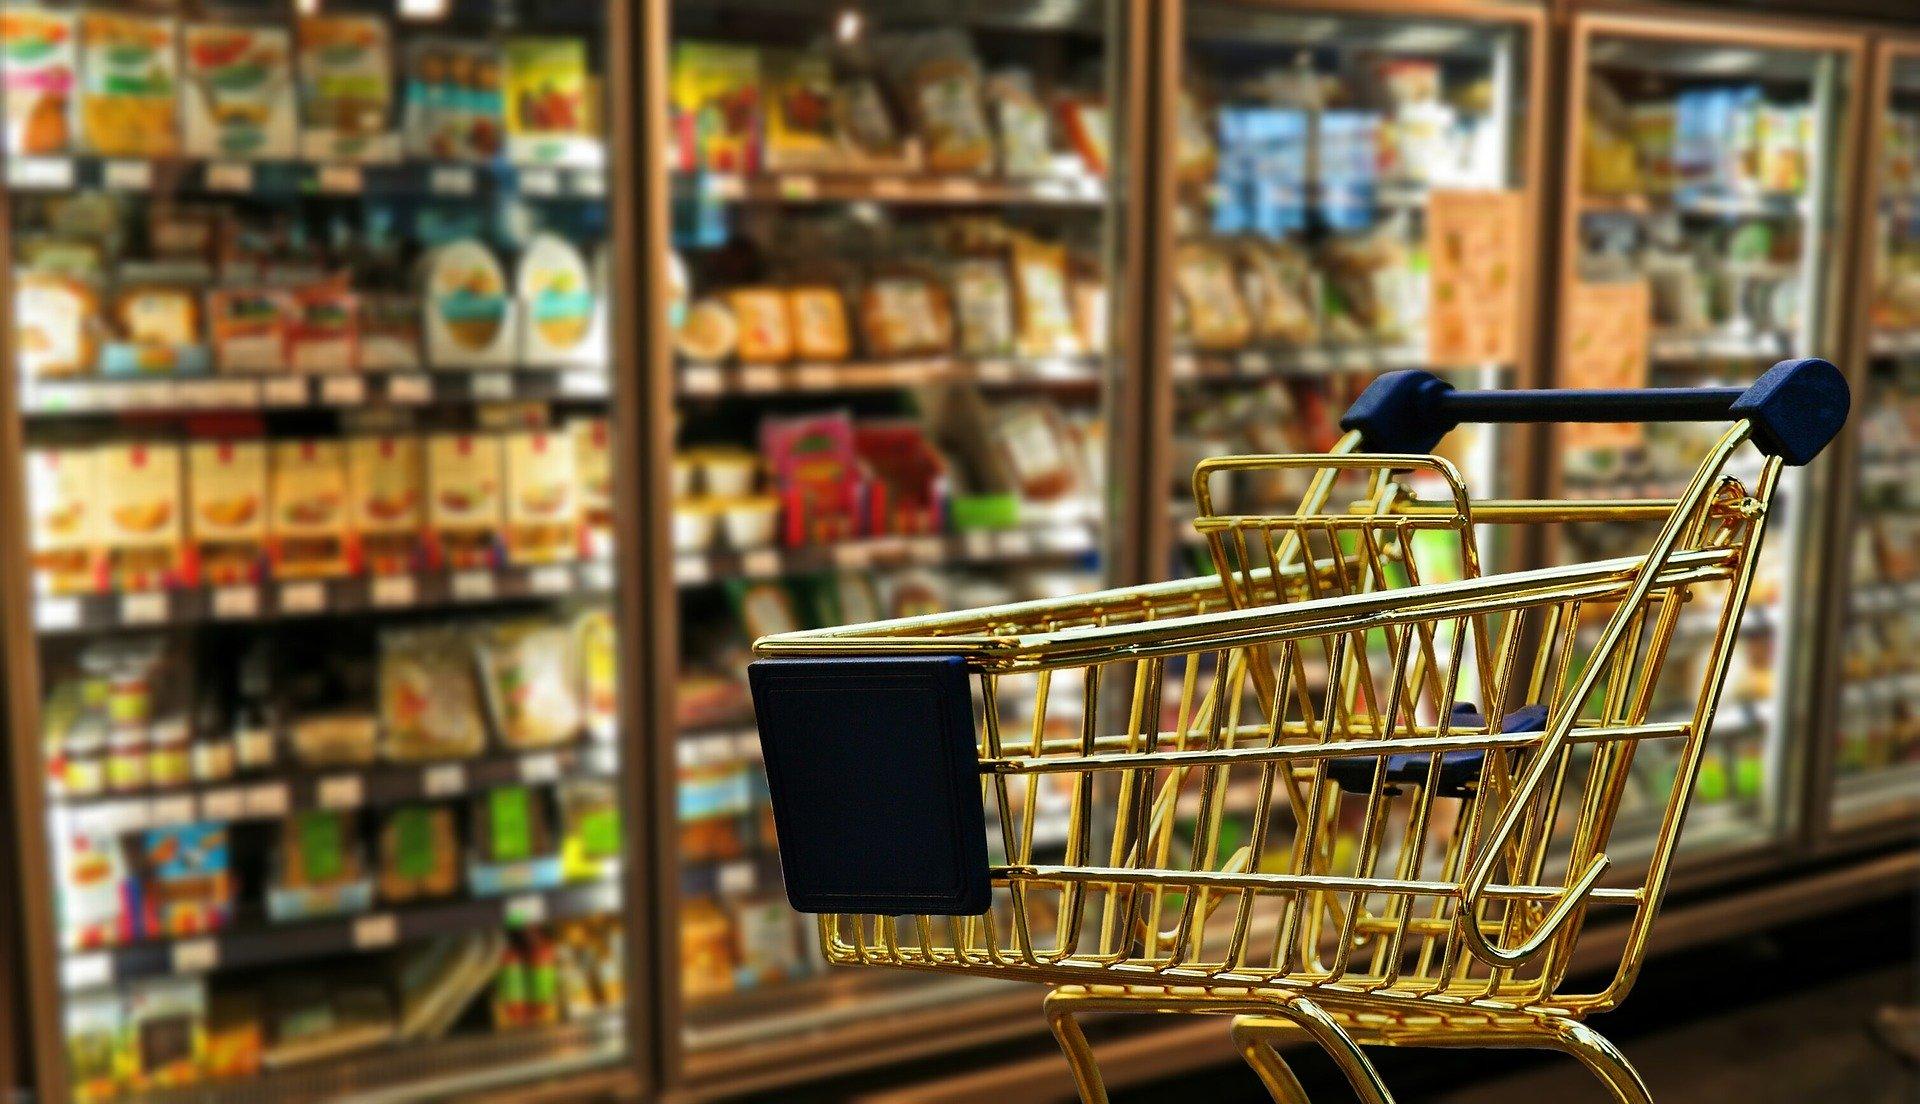 Informacje na opakowaniach produktów